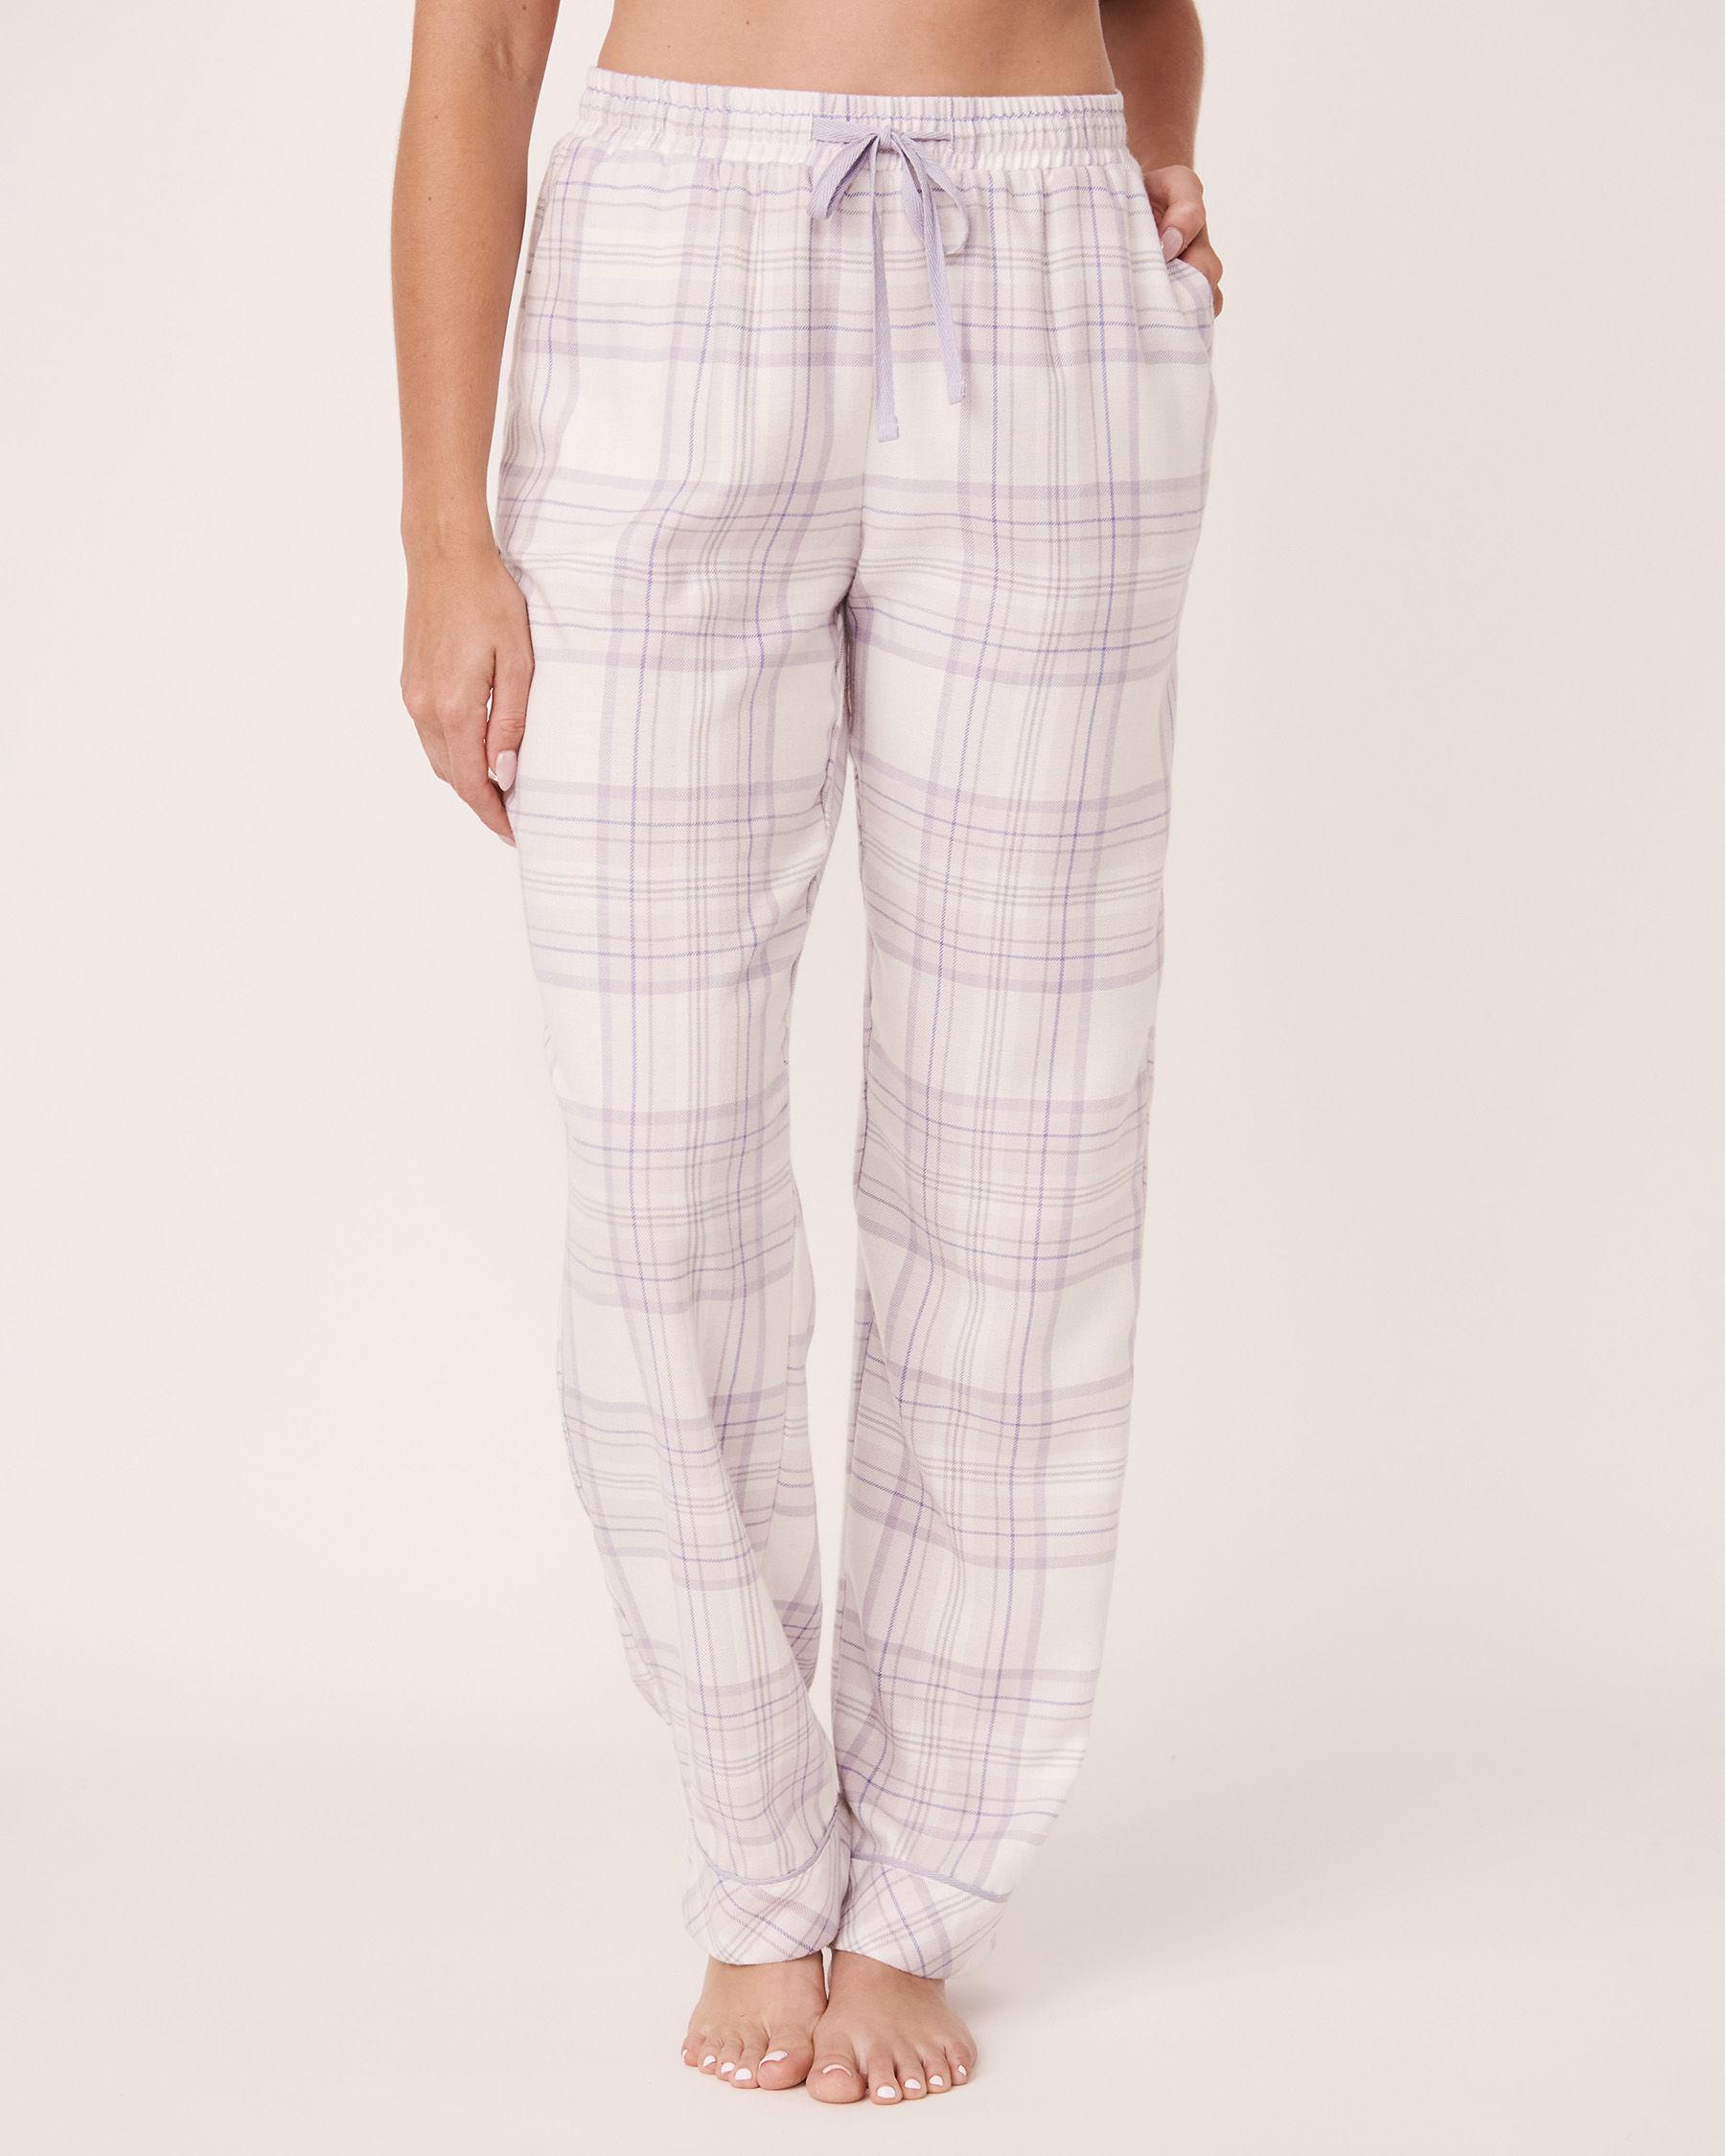 LA VIE EN ROSE Flannel Wide Leg Pyjama Pant Lavender-blue plaid 40200130 - View1